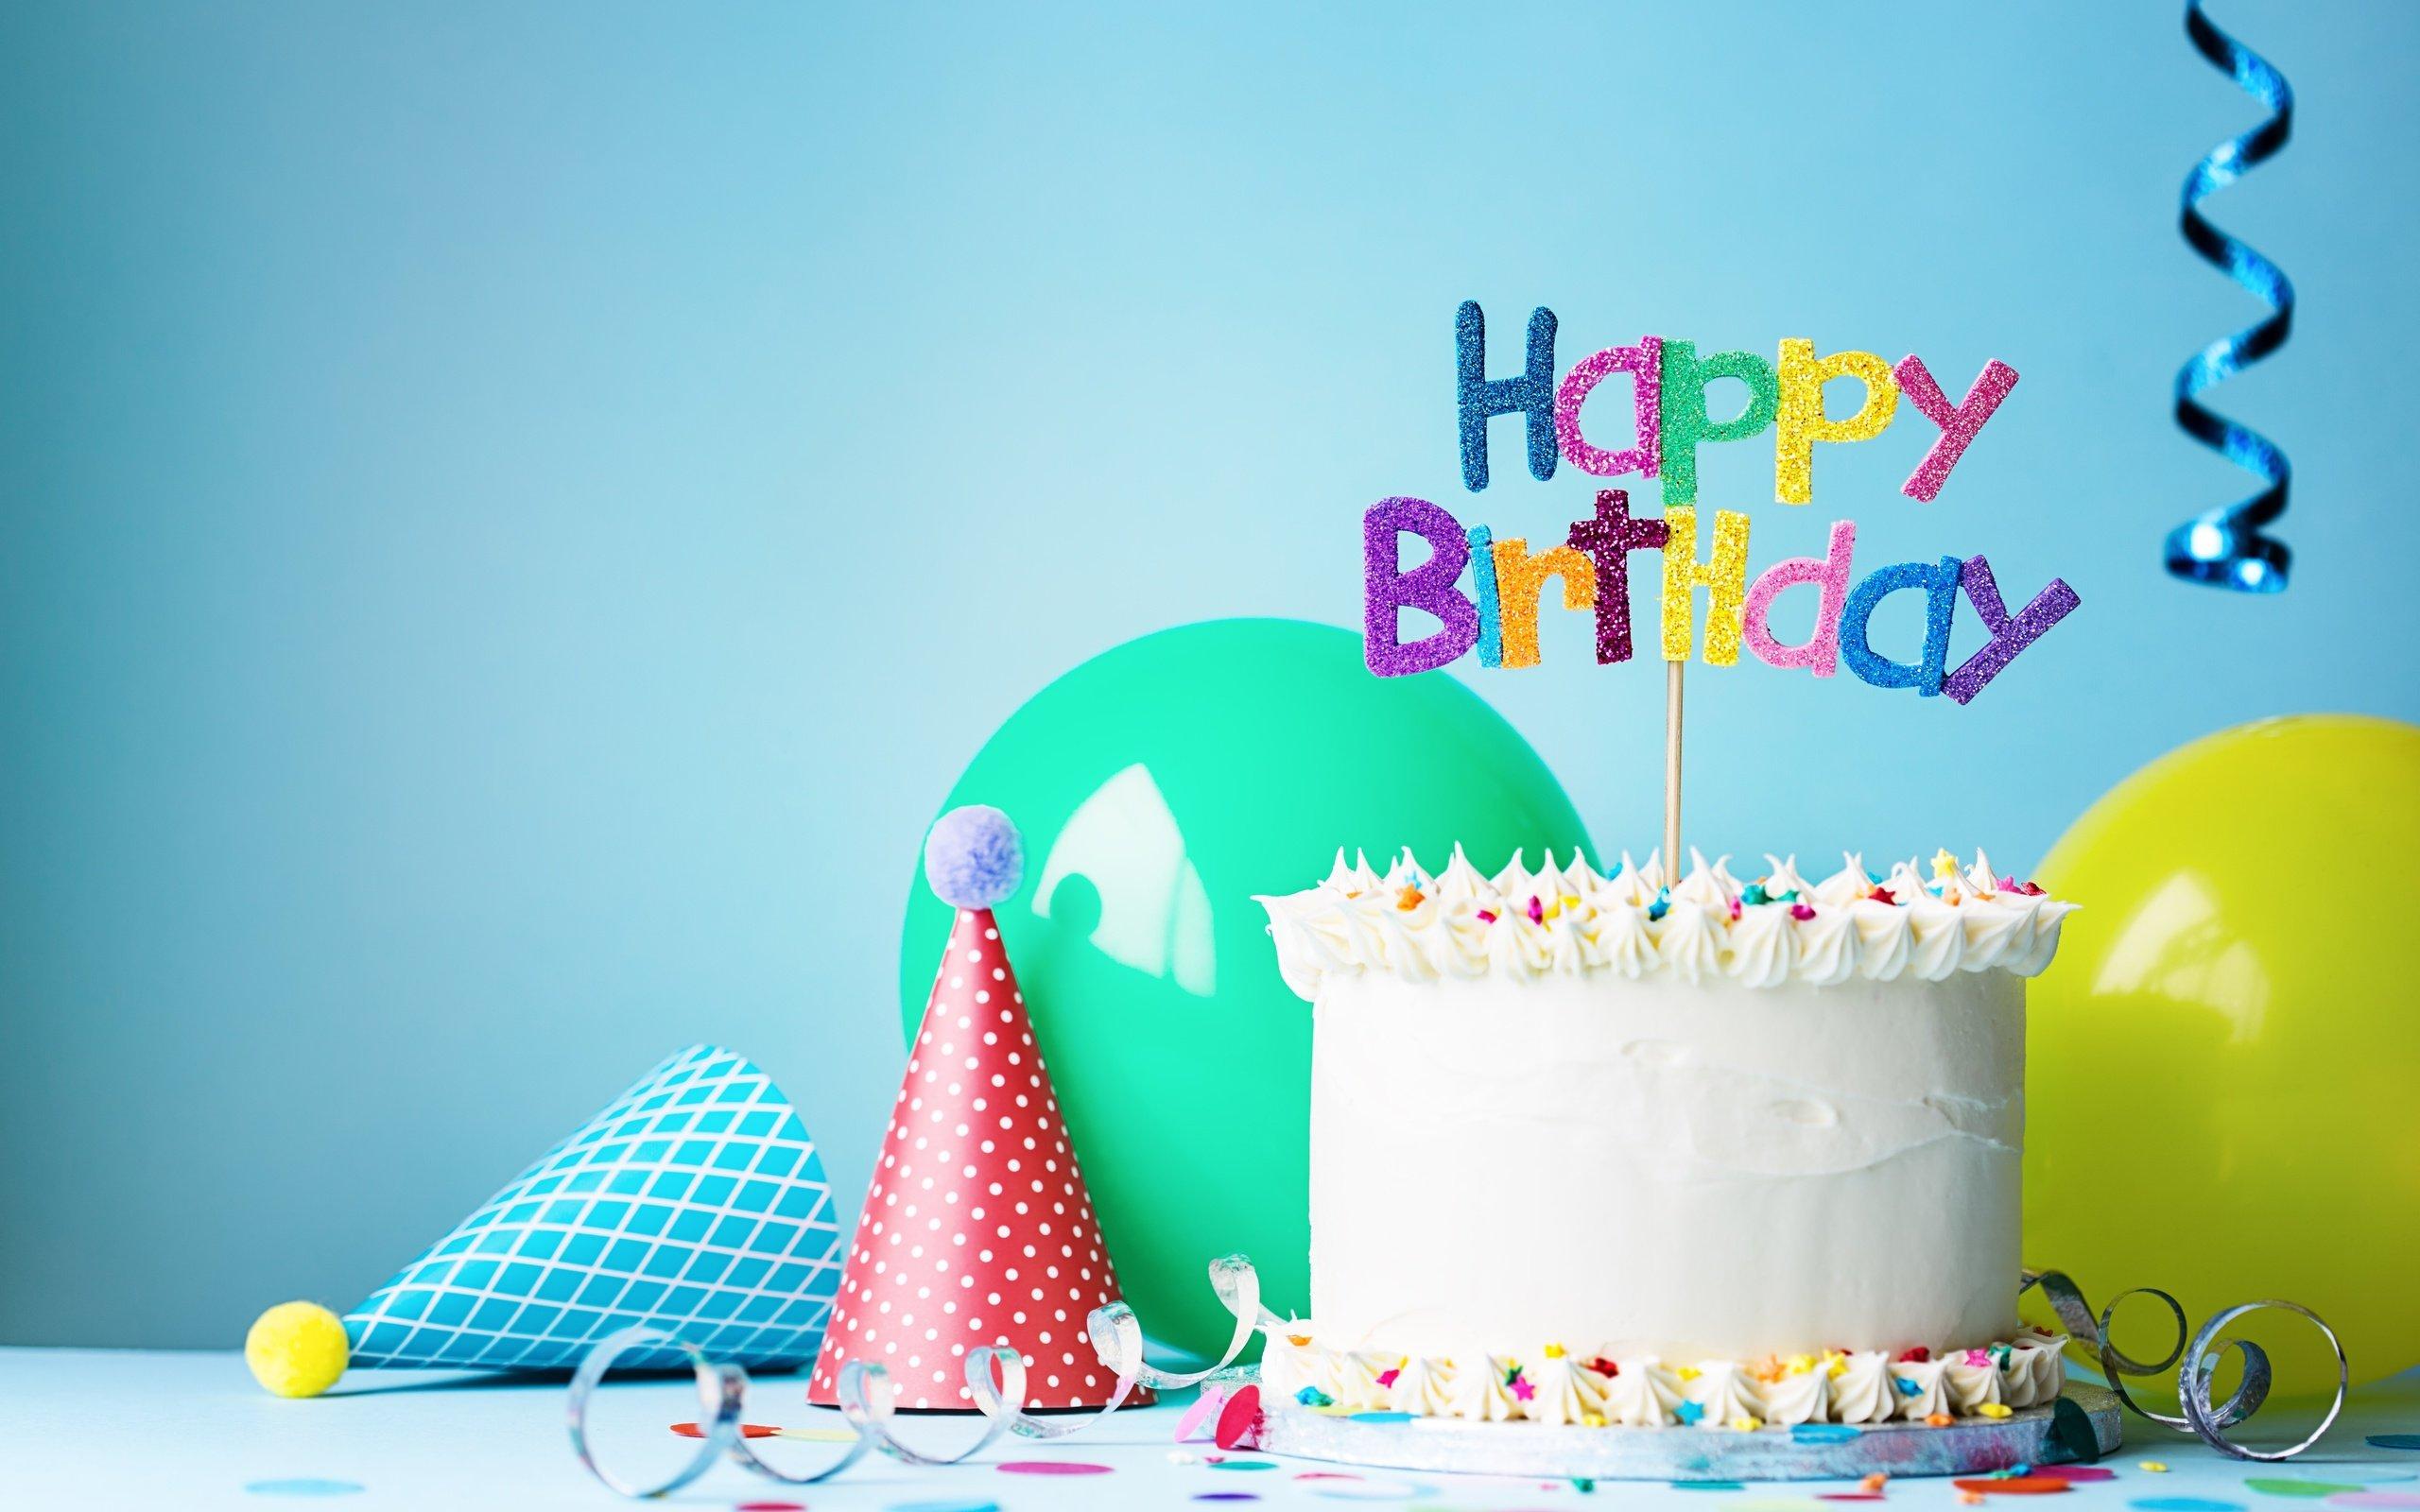 Смс поздравление с днём рождения брату от сестры смешные